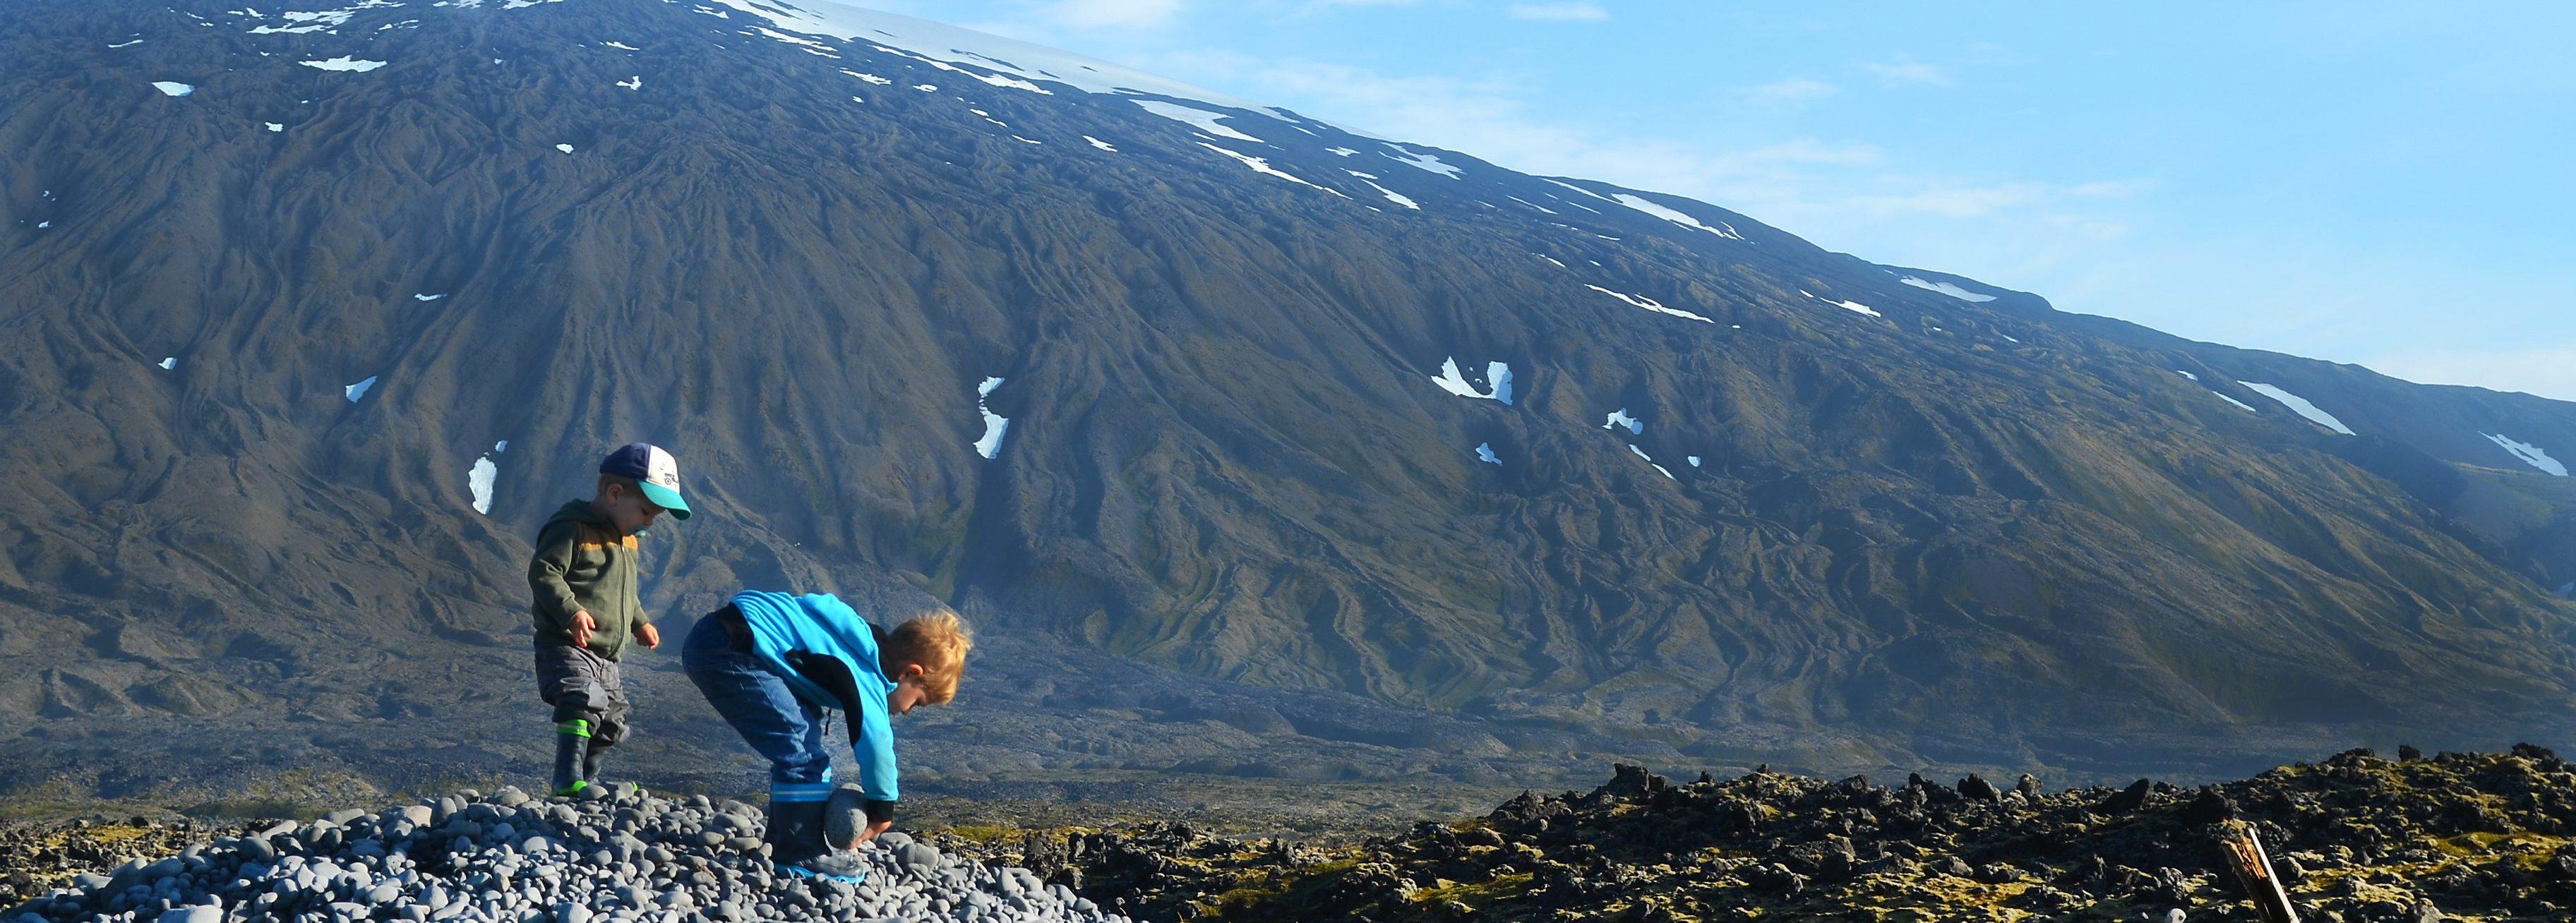 Kinder spielen auf einem Steinhaufen vor den Füßen des Gletschers Snaefellsjökull in West- Island